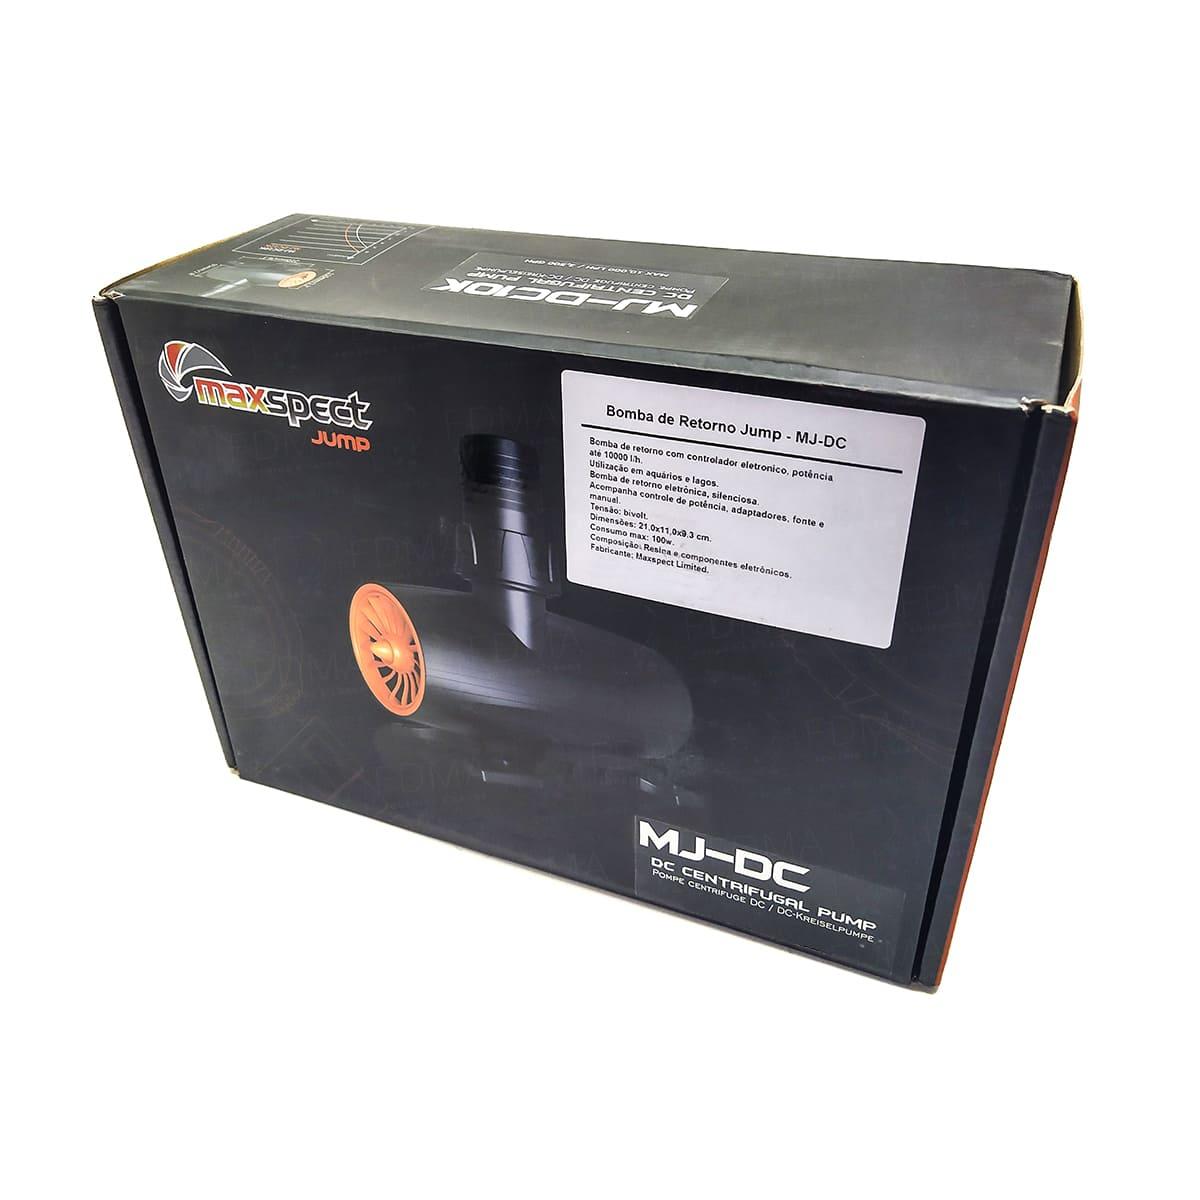 Maxspect MJ-DC 12K Bomba de Retorno DC c/ Controle - Bivolt